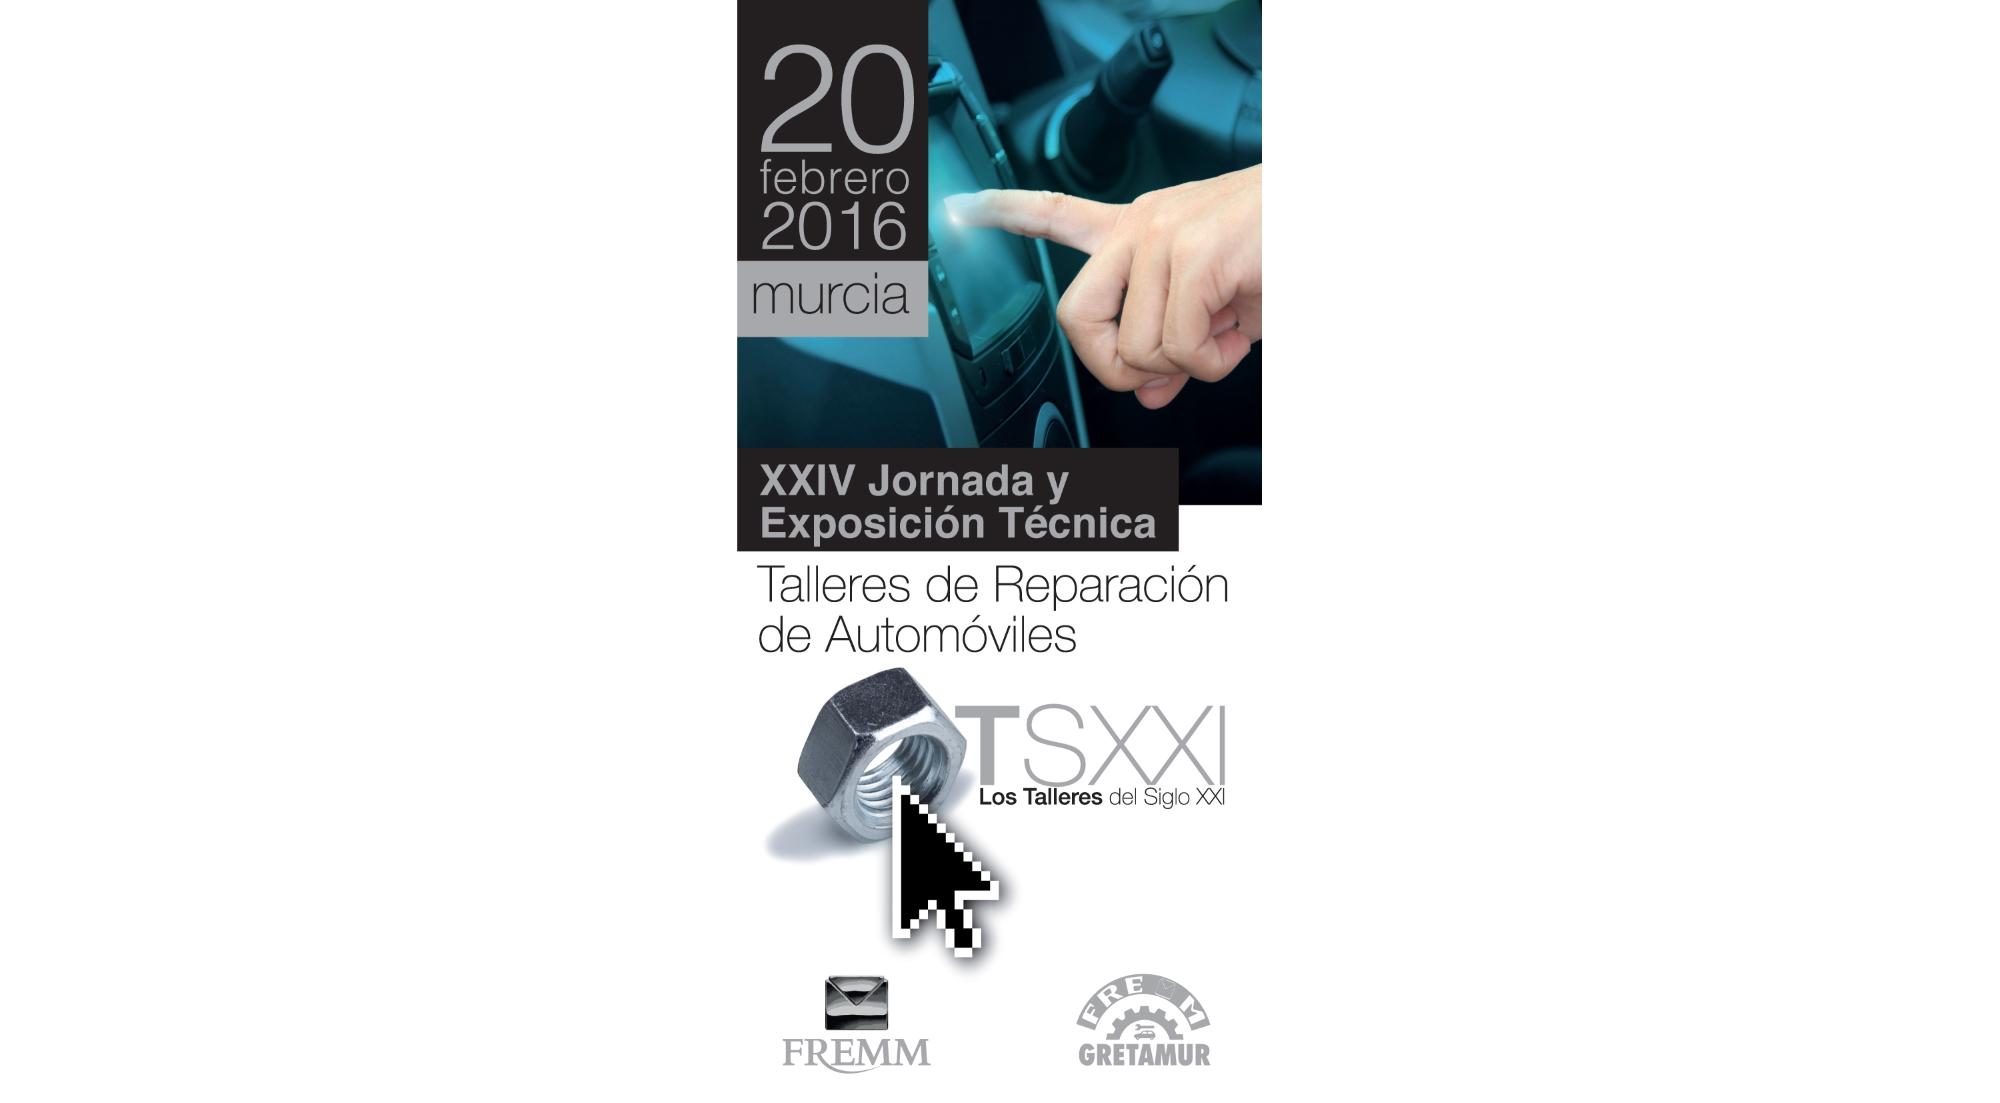 Gretamur celebra las XXIV Jornadas Técnicas para Talleres